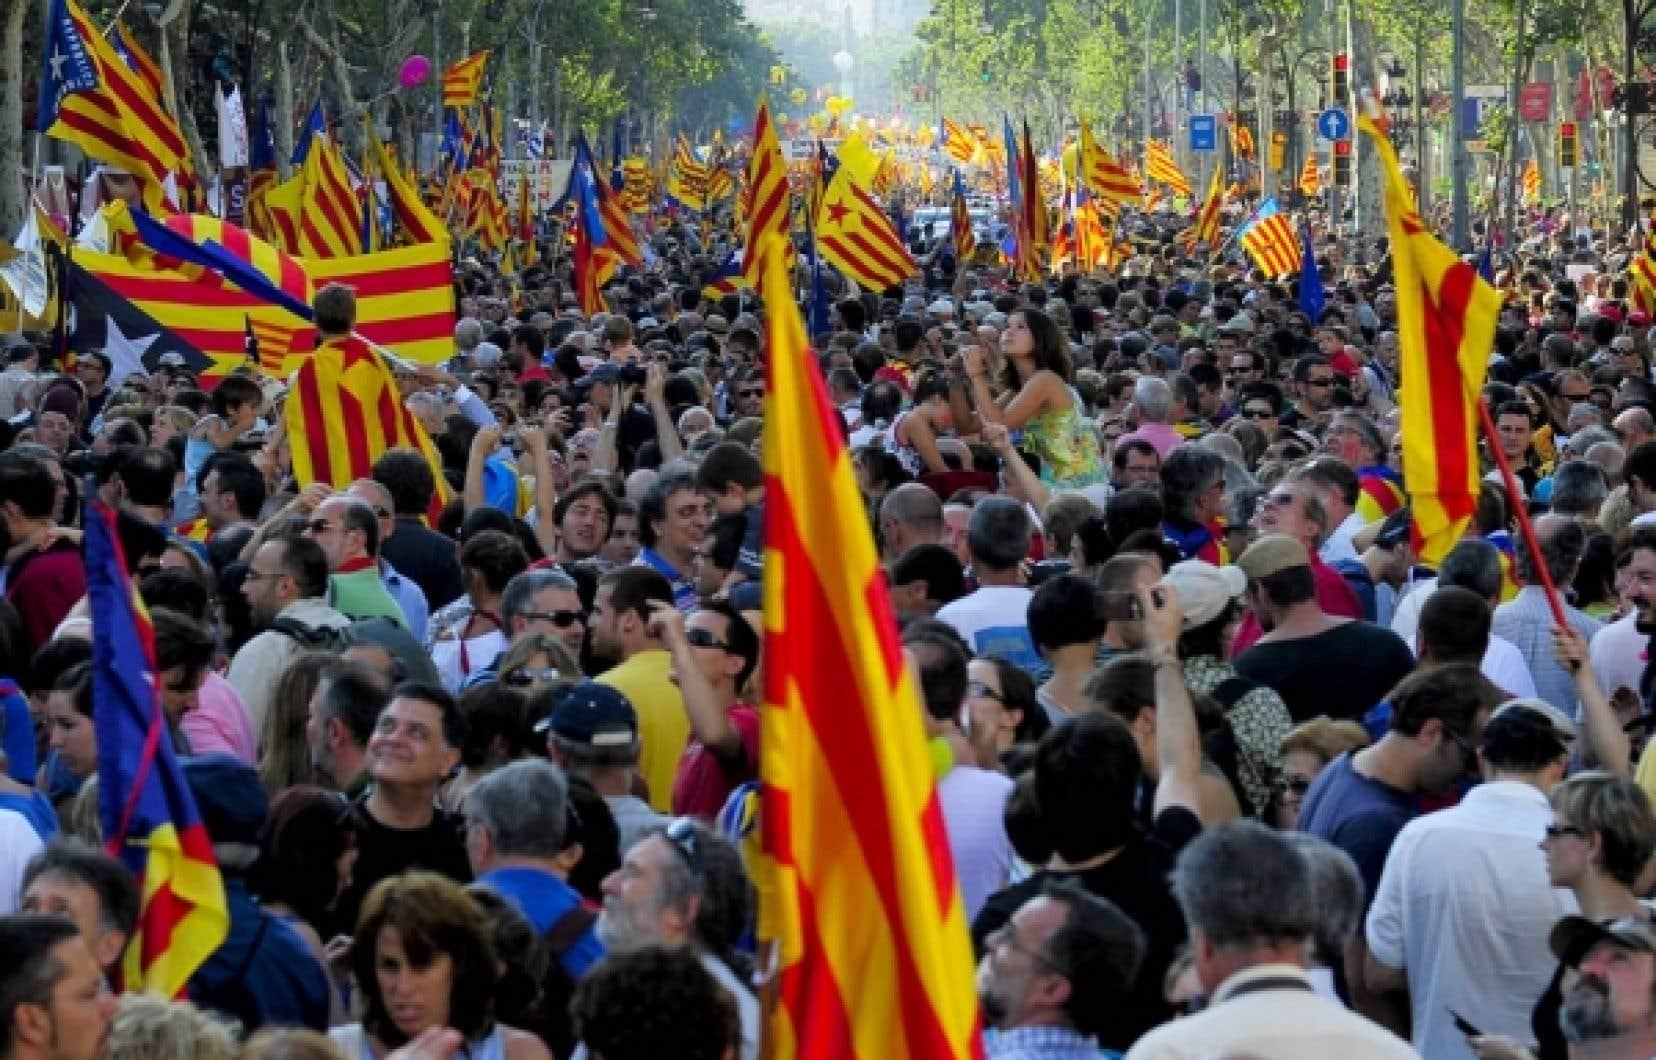 La sentence du 28 juin 2010 du Tribunal constitutionnel espagnol n&rsquo;a pas &eacute;t&eacute; bien accueillie en Catalogne, comme en fait foi la manifestation du 10 juillet 2010 qui a rassembl&eacute; &agrave; Barcelone plus d&rsquo;un million de Catalans. Le Tribunal d&eacute;clare entre autres que les r&eacute;f&eacute;rences &agrave; la &laquo;Catalogne comme nation&raquo; et &agrave; &laquo;la r&eacute;alit&eacute; nationale de la Catalogne&raquo; contenues dans le pr&eacute;ambule du Statut d&rsquo;autonomie n&rsquo;ont aucun effet juridique interpr&eacute;tatif.<br />